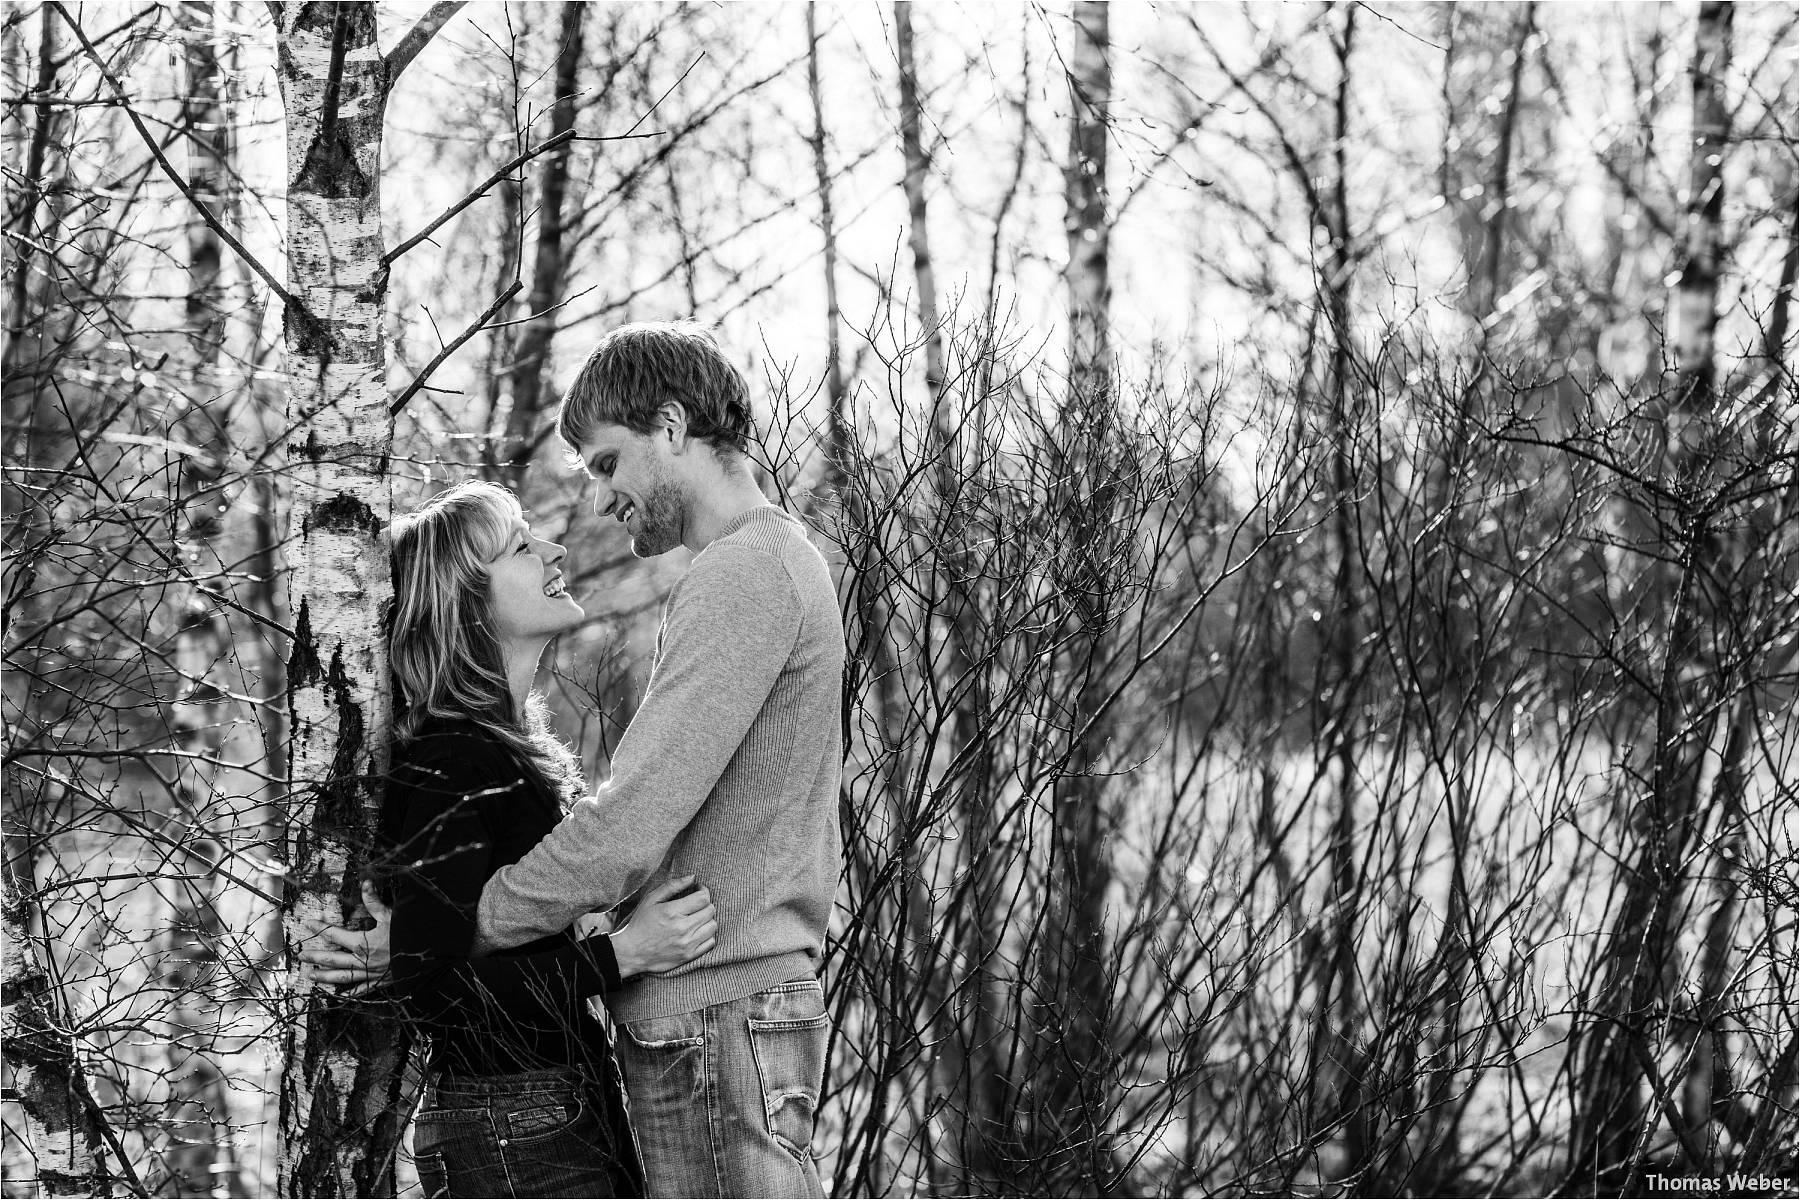 Hochzeitsfotograf Wilhelmshaven: Engagement- und Verlobungsfotos für die Einladungskarten der Hochzeit (6)